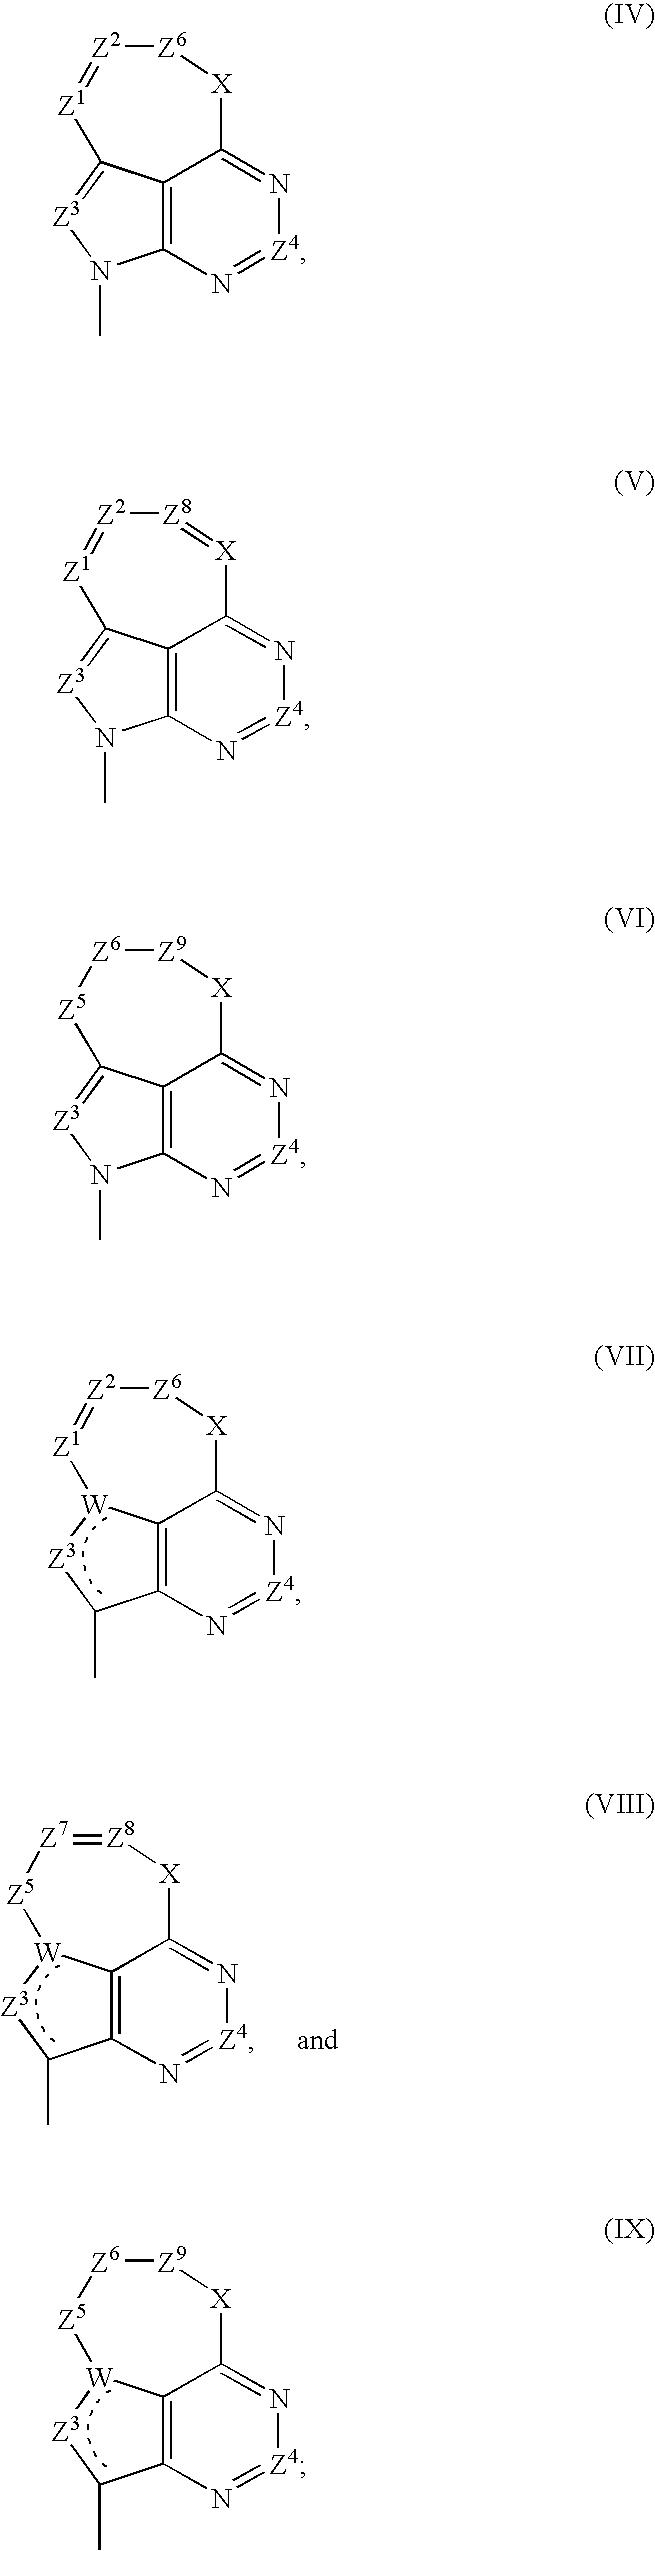 Figure US20070135363A1-20070614-C00005